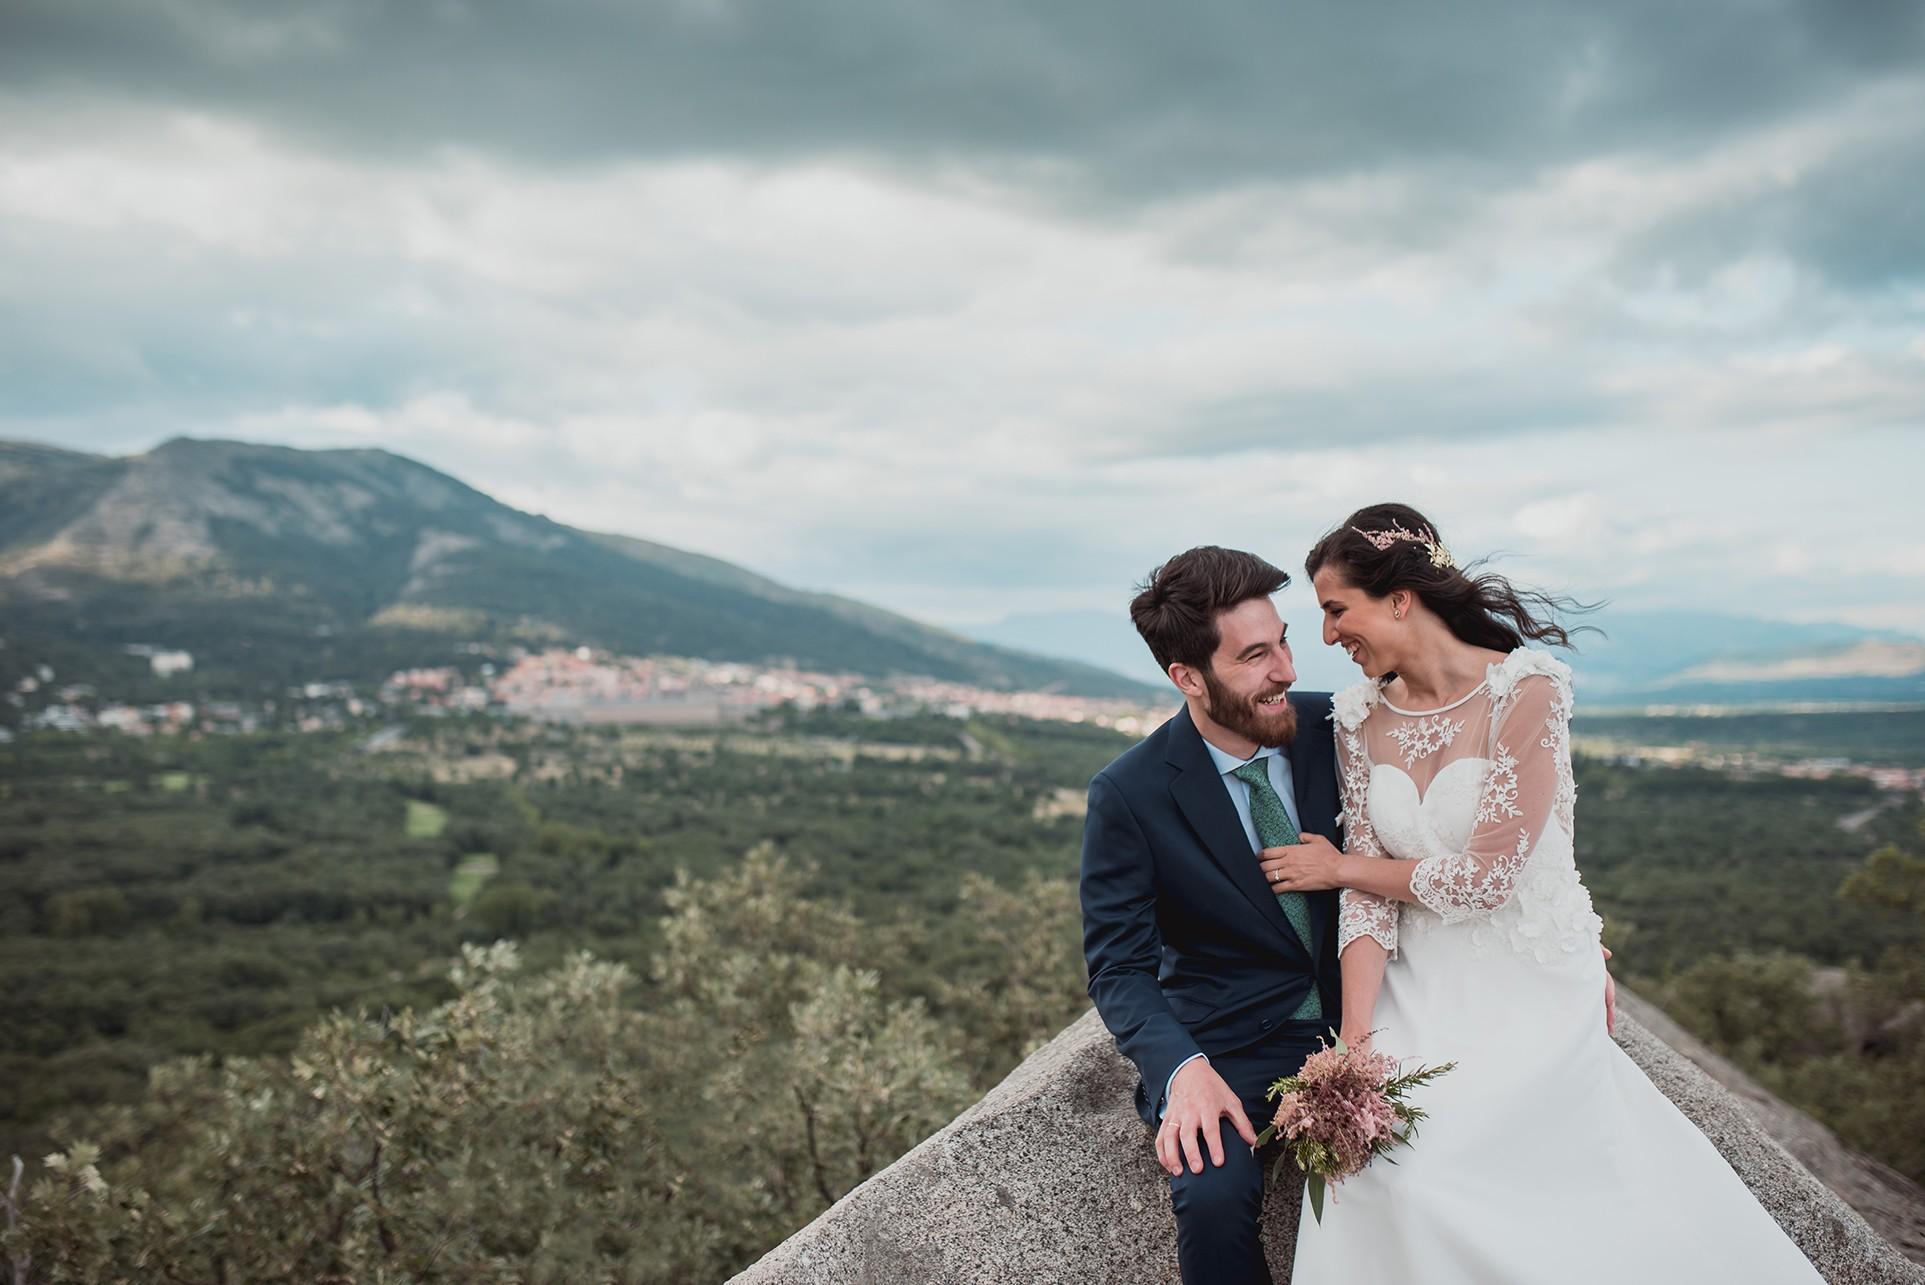 fotografos-boda-finca-felipe-II-515876